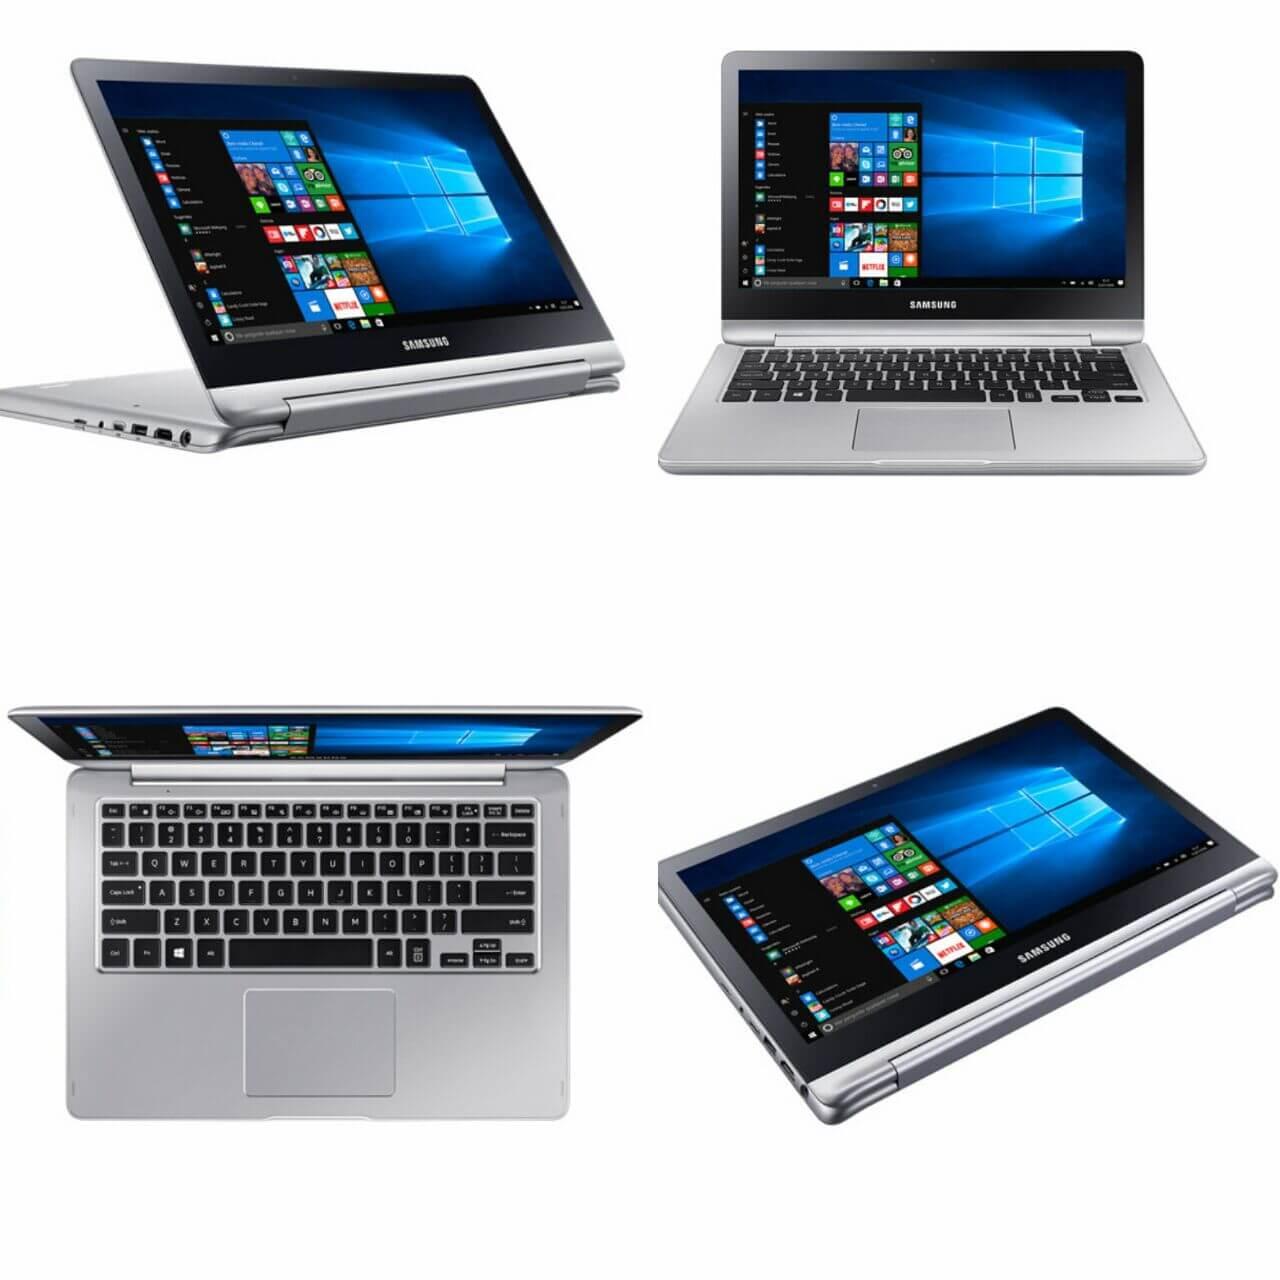 Novo notebook Samsung Style 2 em 1 tem touchscreen de 360 graus 8